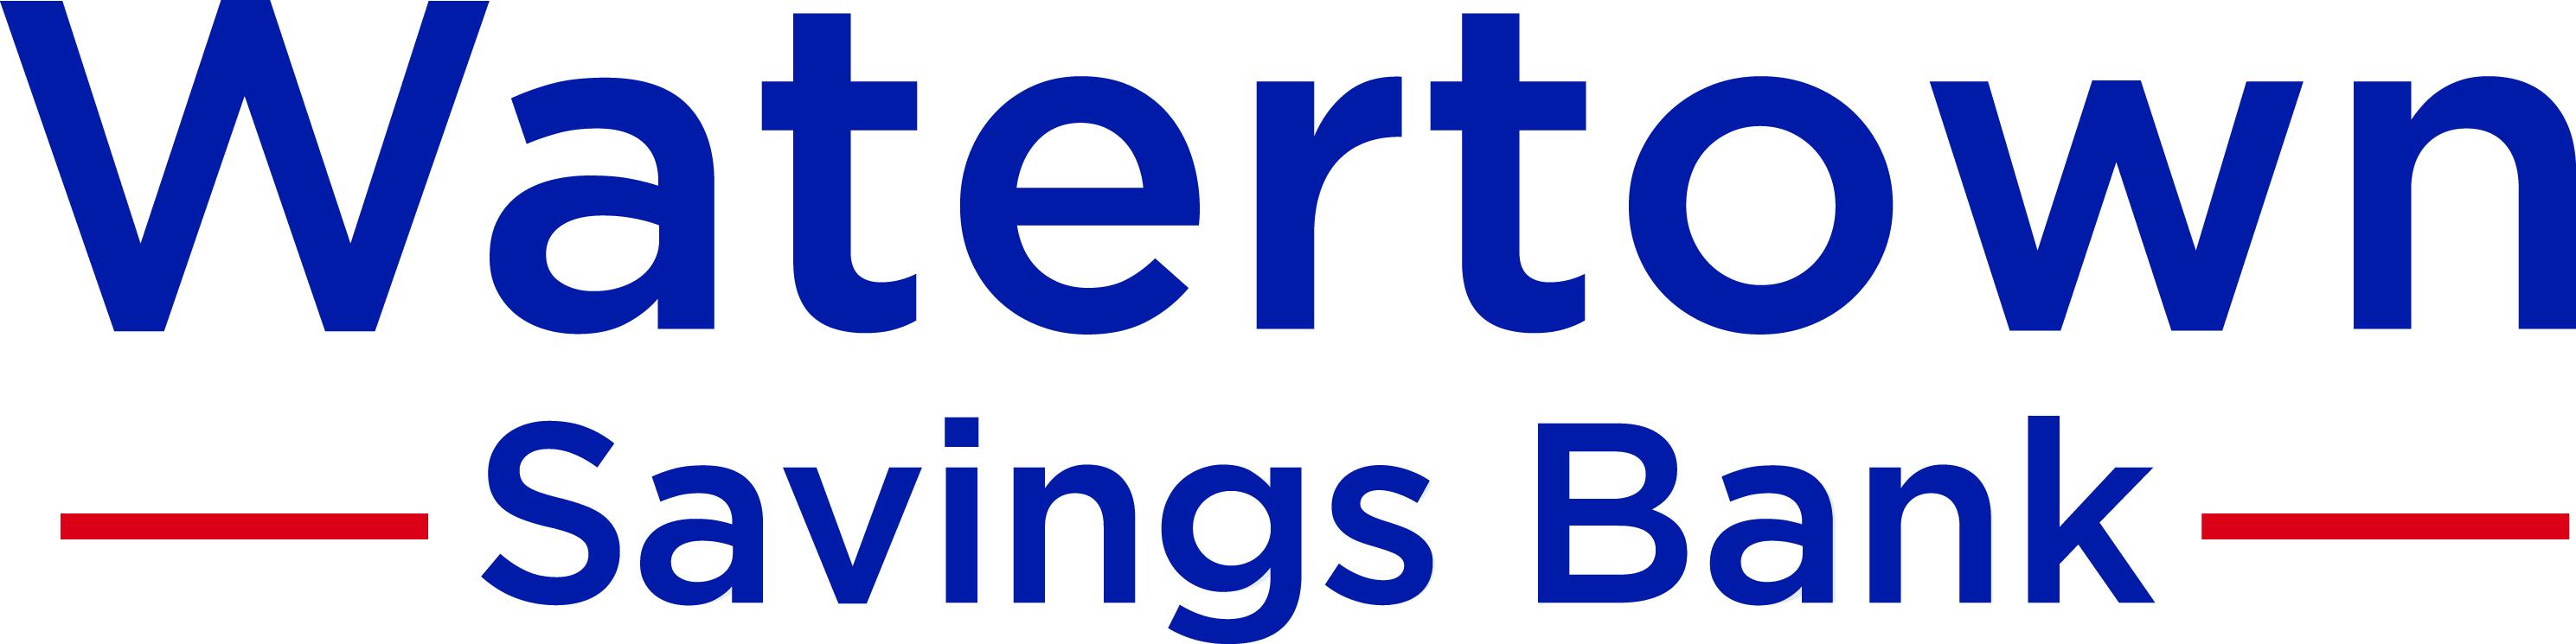 WSB_Bold_logo20190828182220